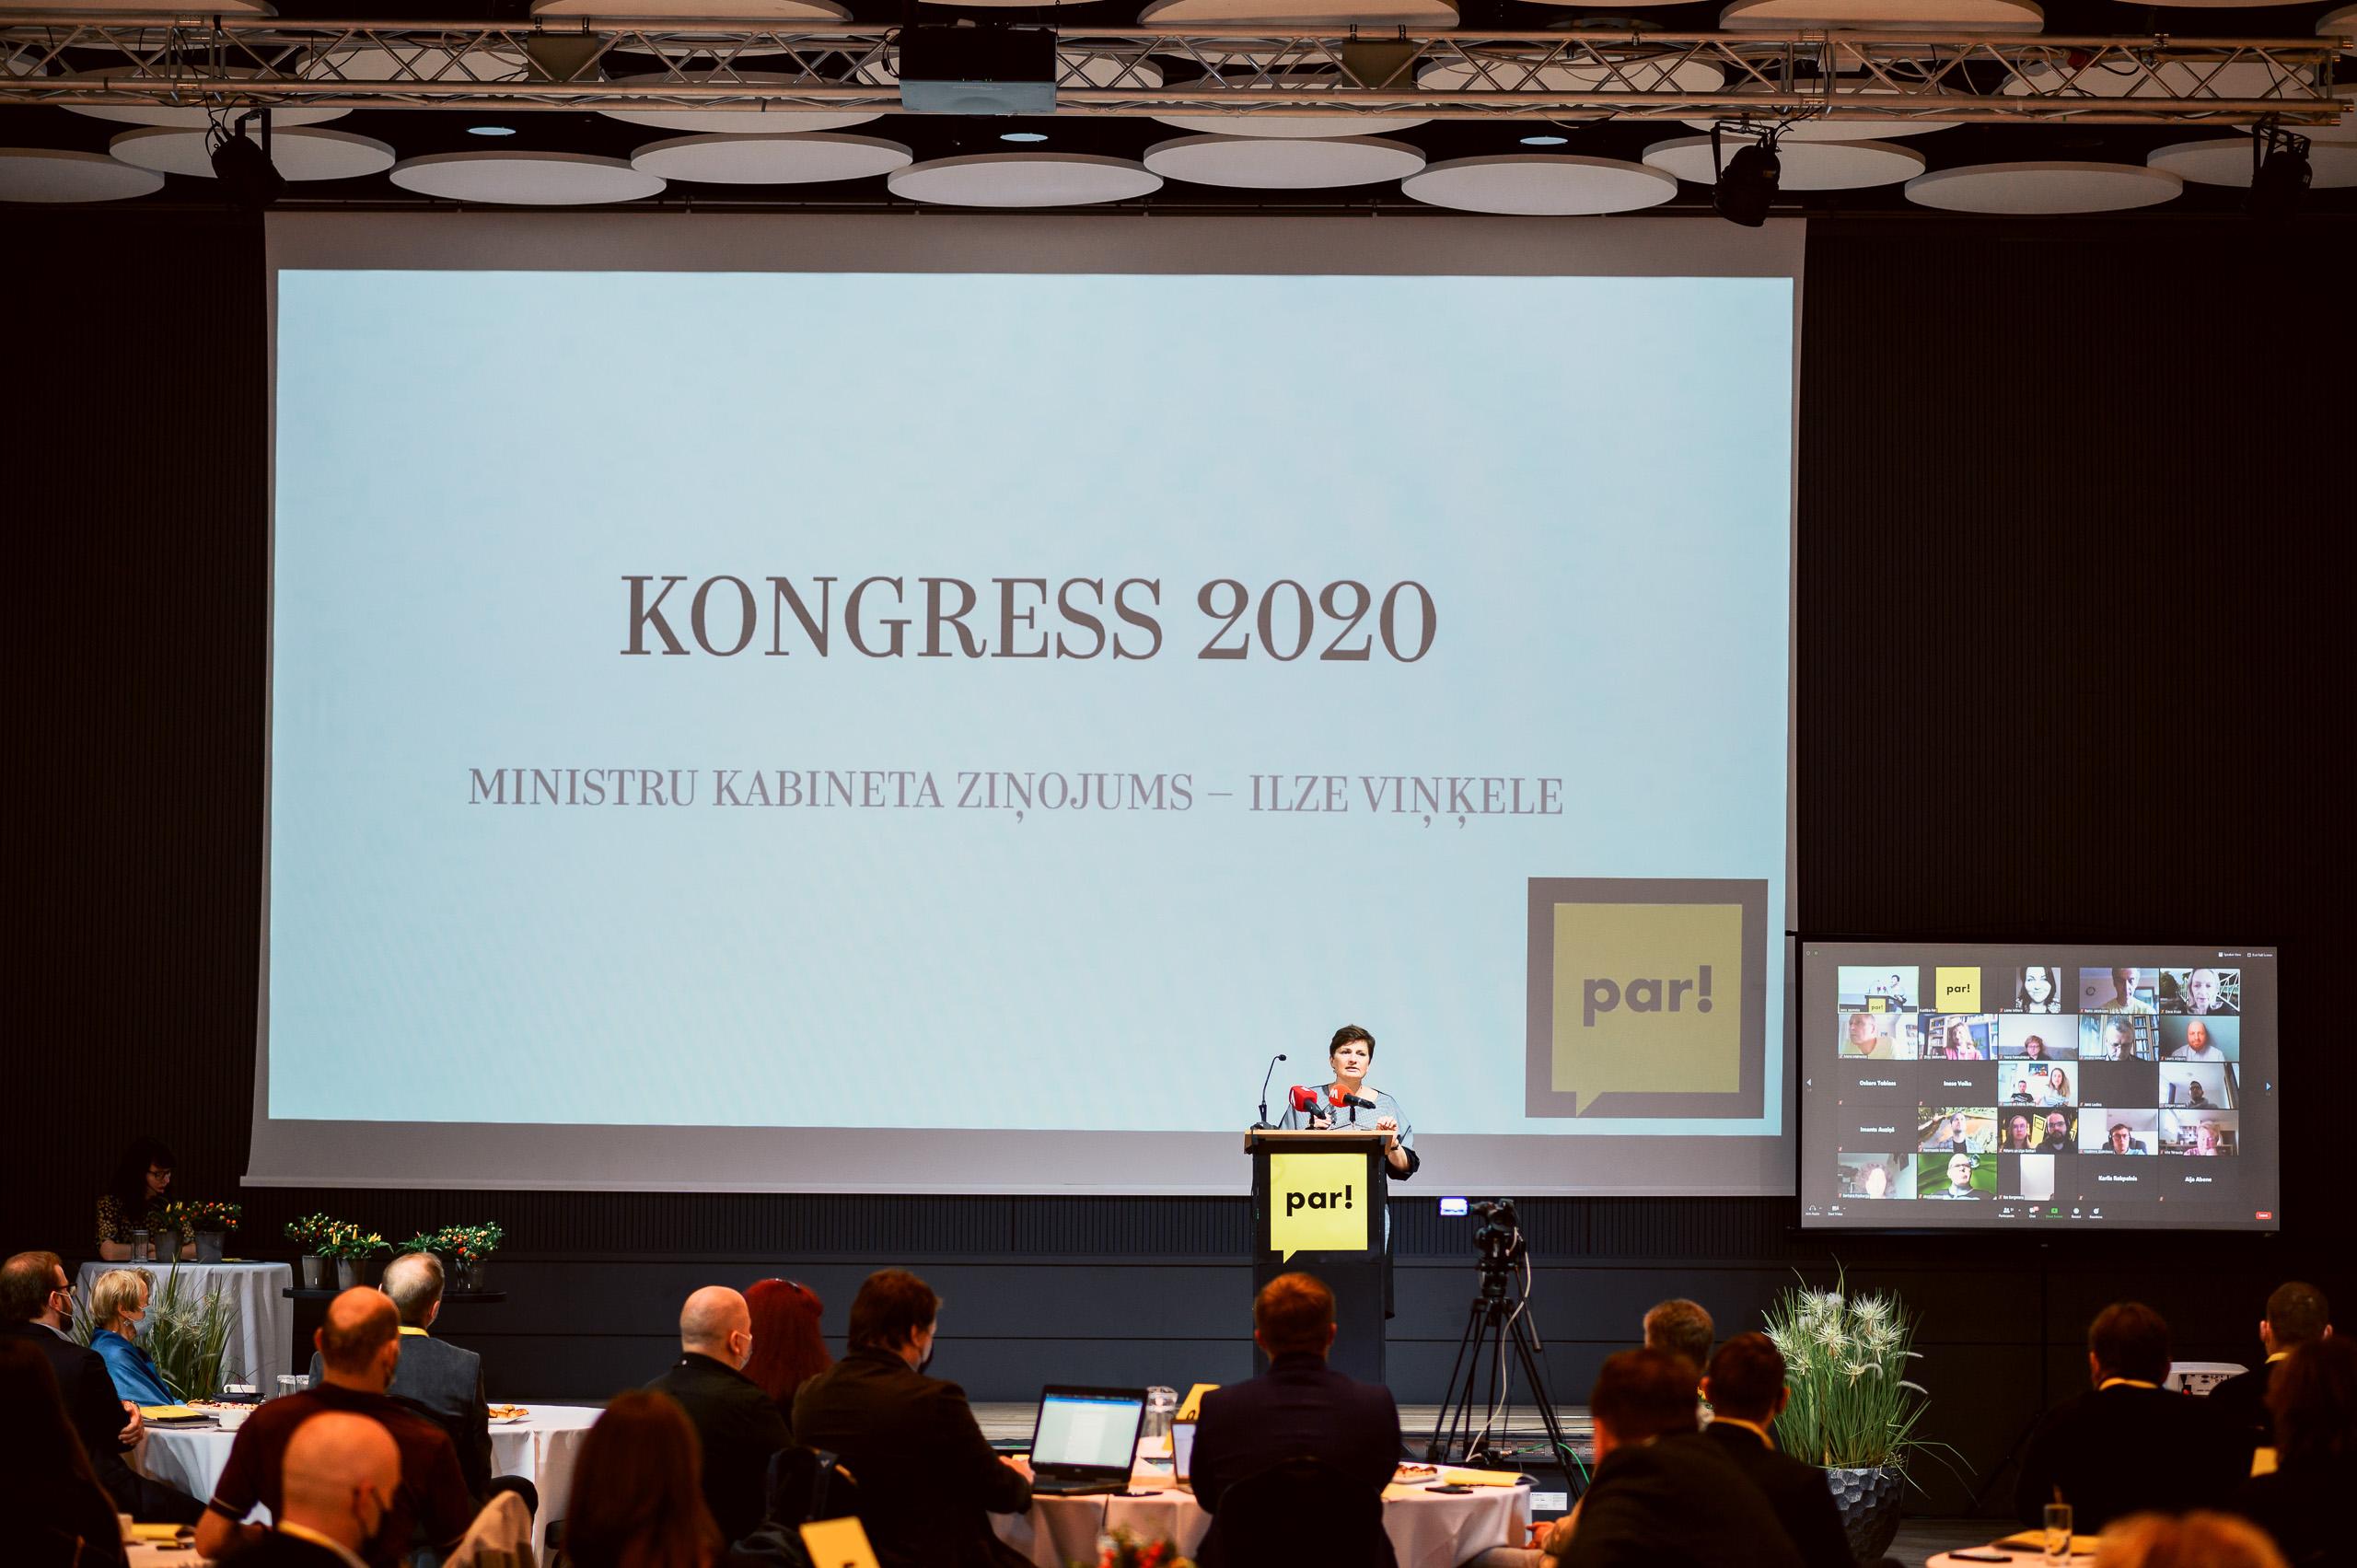 """Kustība """"Par!"""" kongresā prezentē redzējumu par modernu, atvērtu un zaļu Dzīvesvietu katram cilvēkam"""